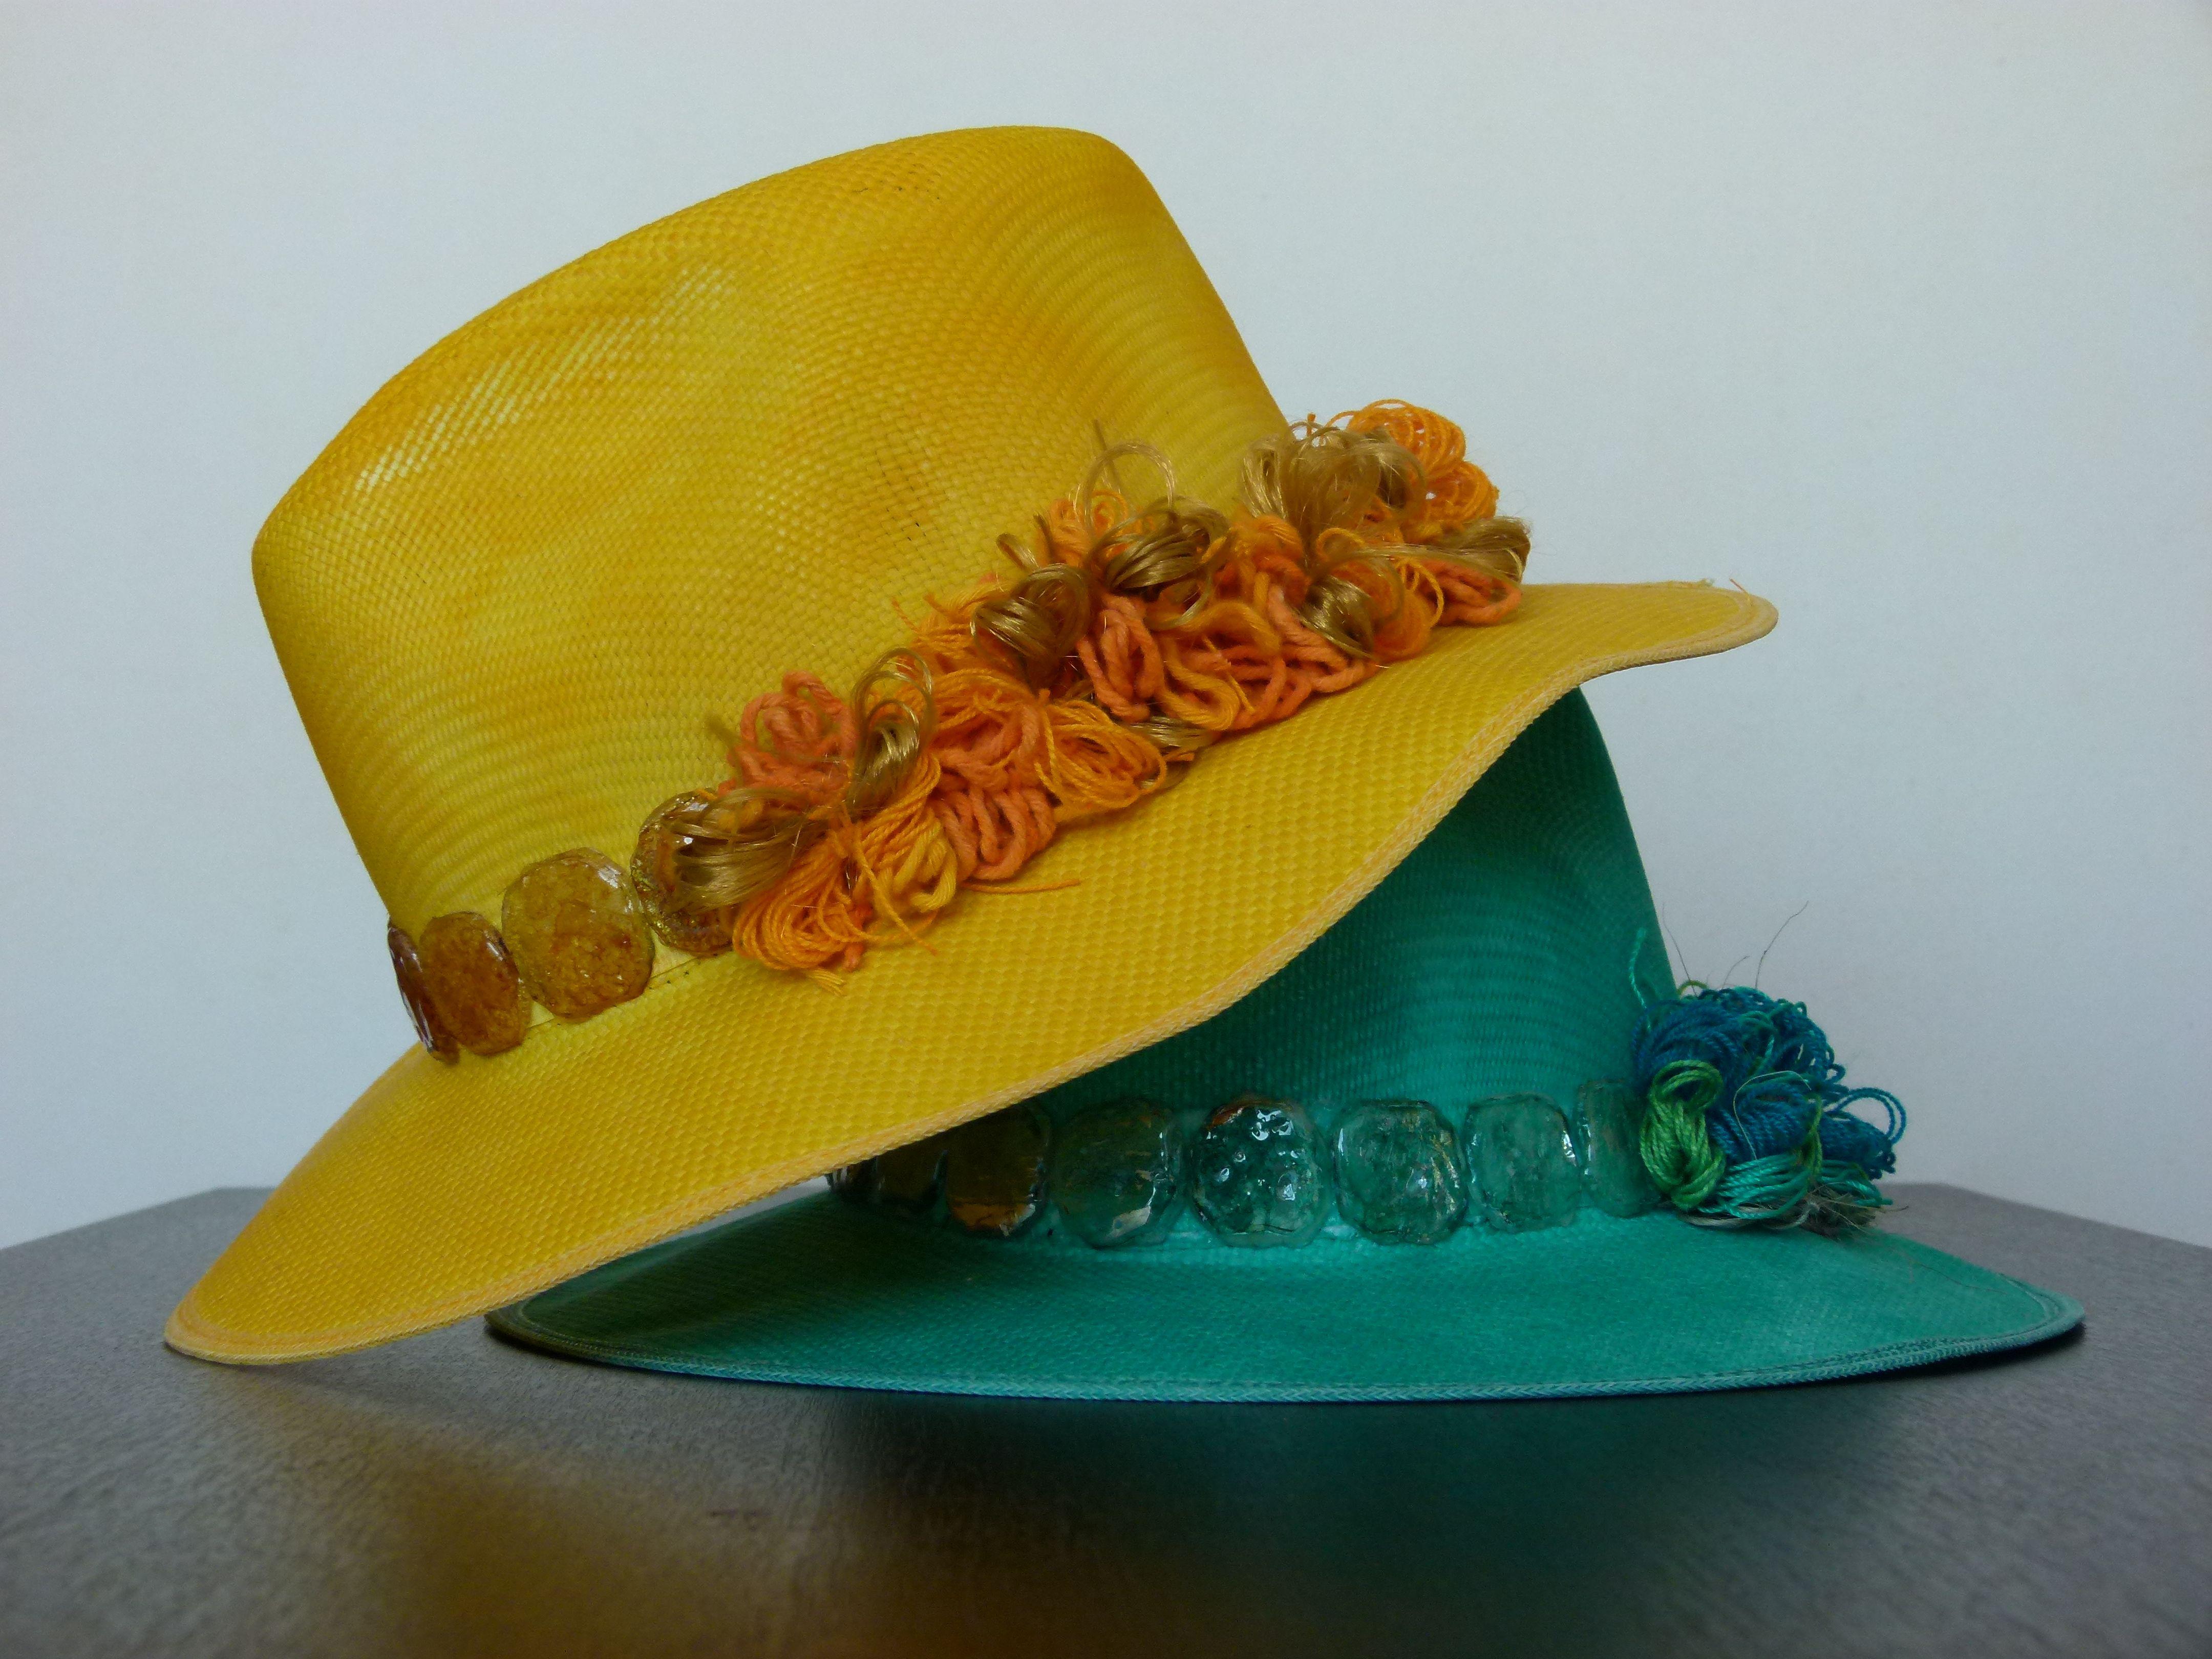 Sombreros Priscilla. #Sombreros #Hats #KDAVID #ComprasVirtuales #Valledupar #TalentoColombiano #ModaSotenible #MedioAmbiente #Moda #Accesorios